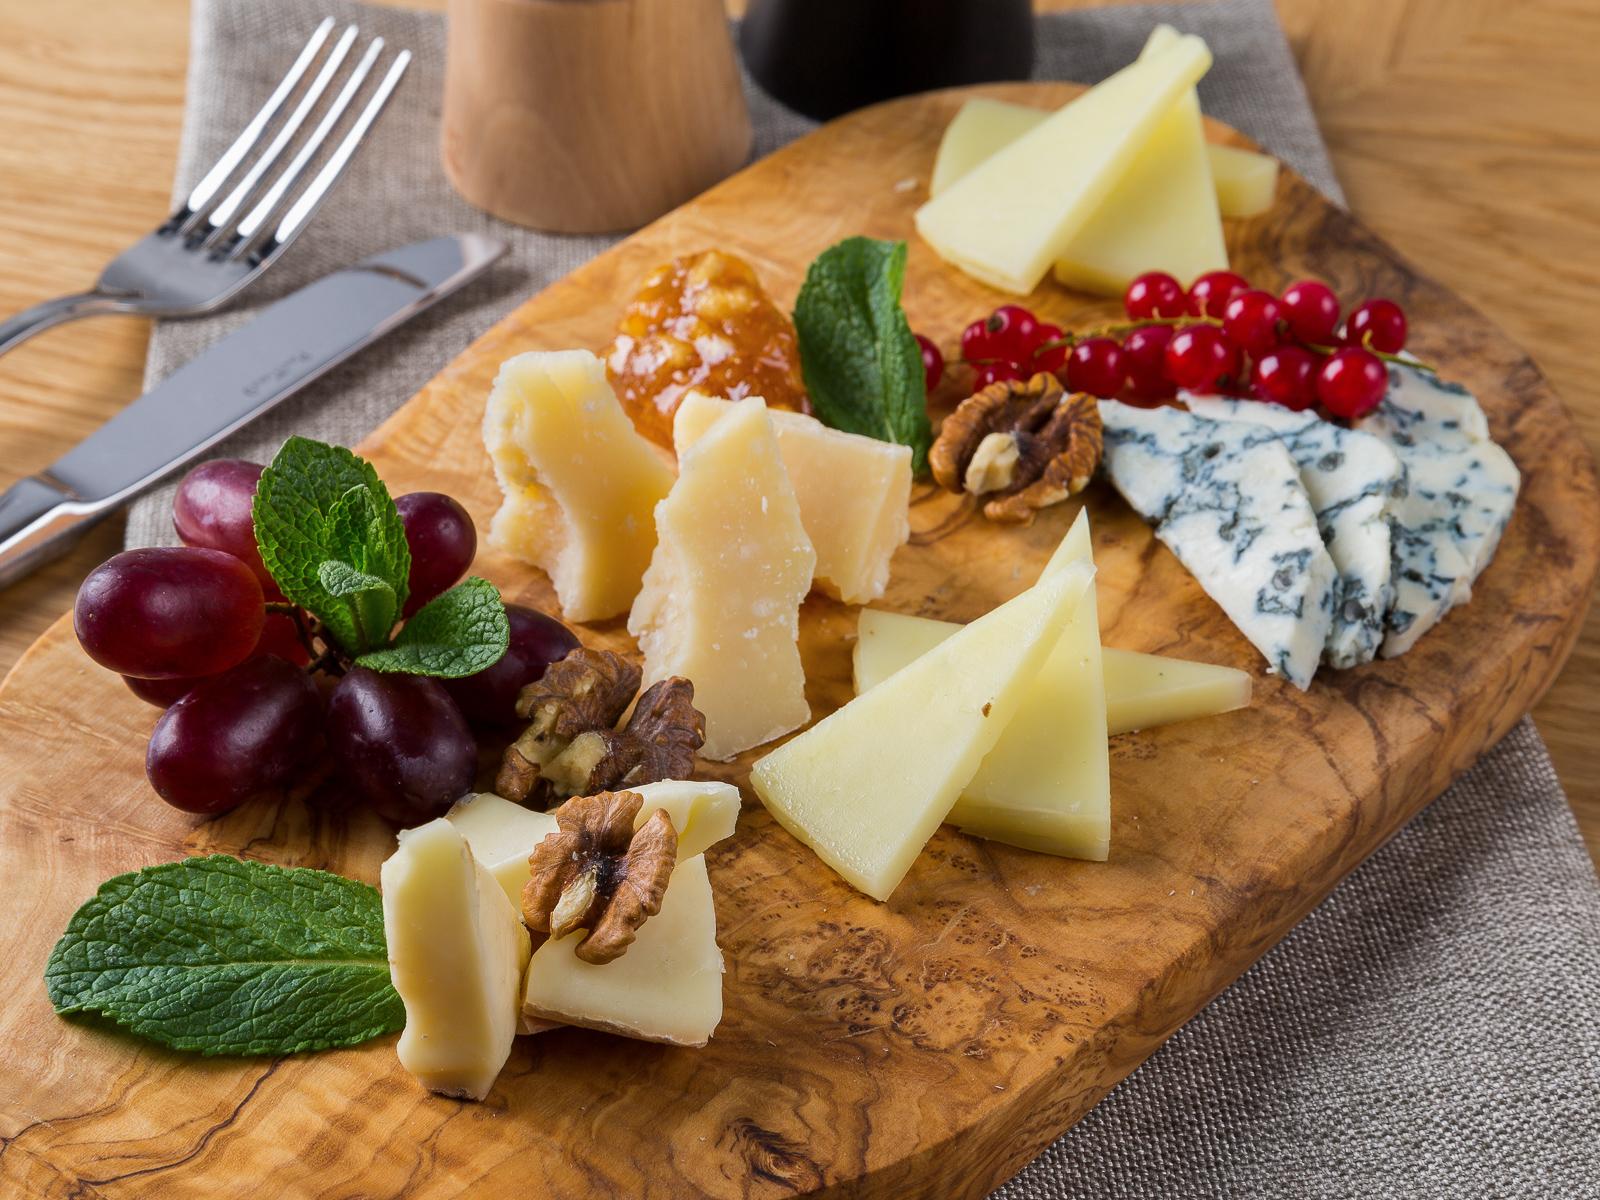 Сырное ассорти с горчичным конфитюром и фруктами